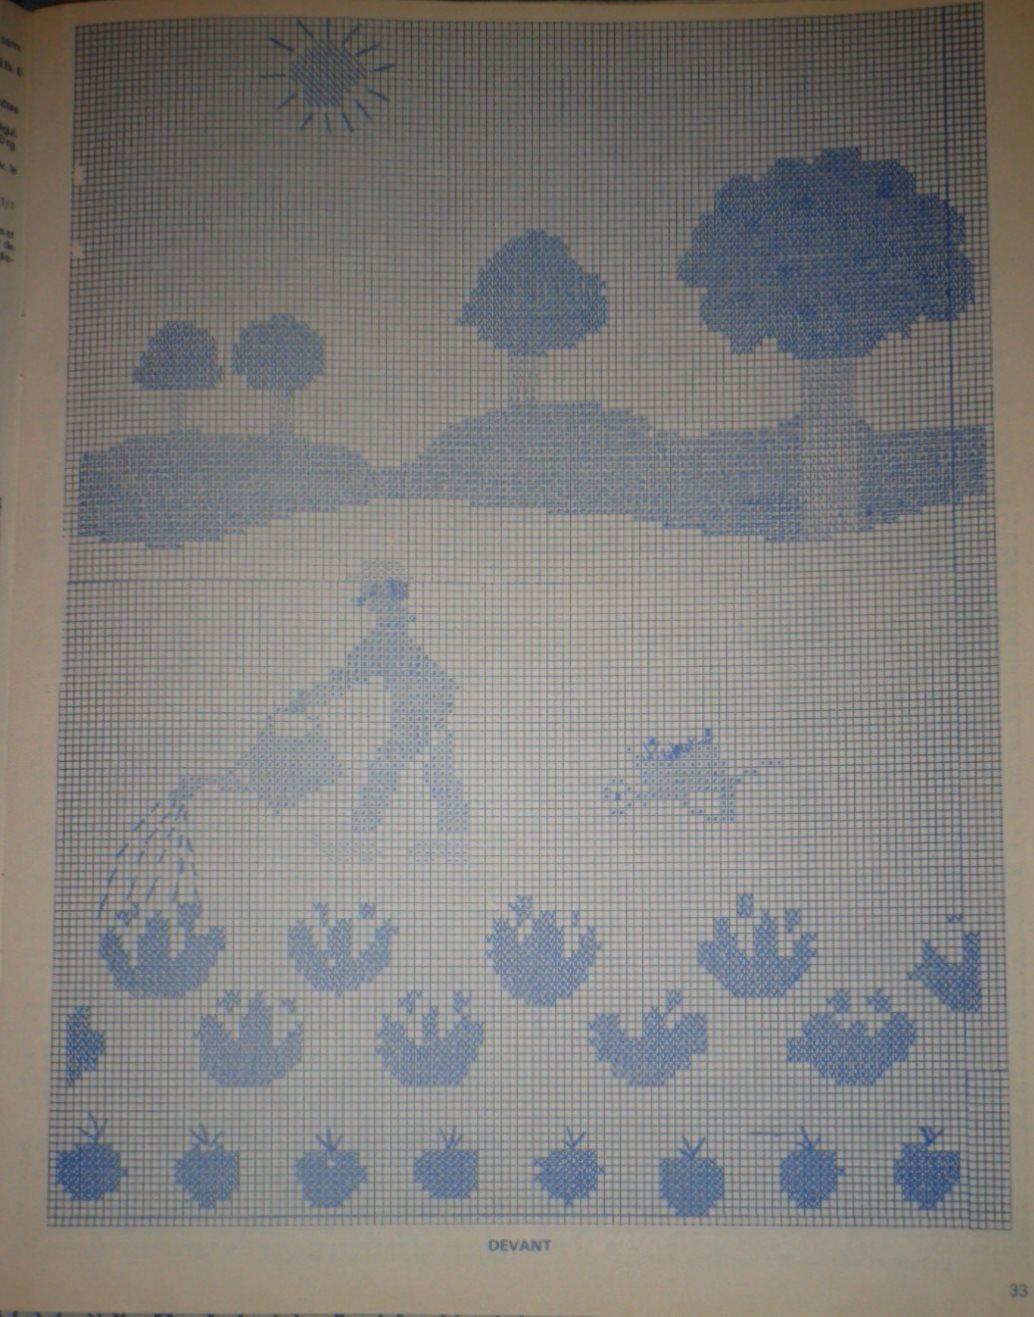 Explications 82 Modèle Pull 3suisses Tricot 1981 Paysage Devant Gratuit Ici Cliquez nqaORTqWB